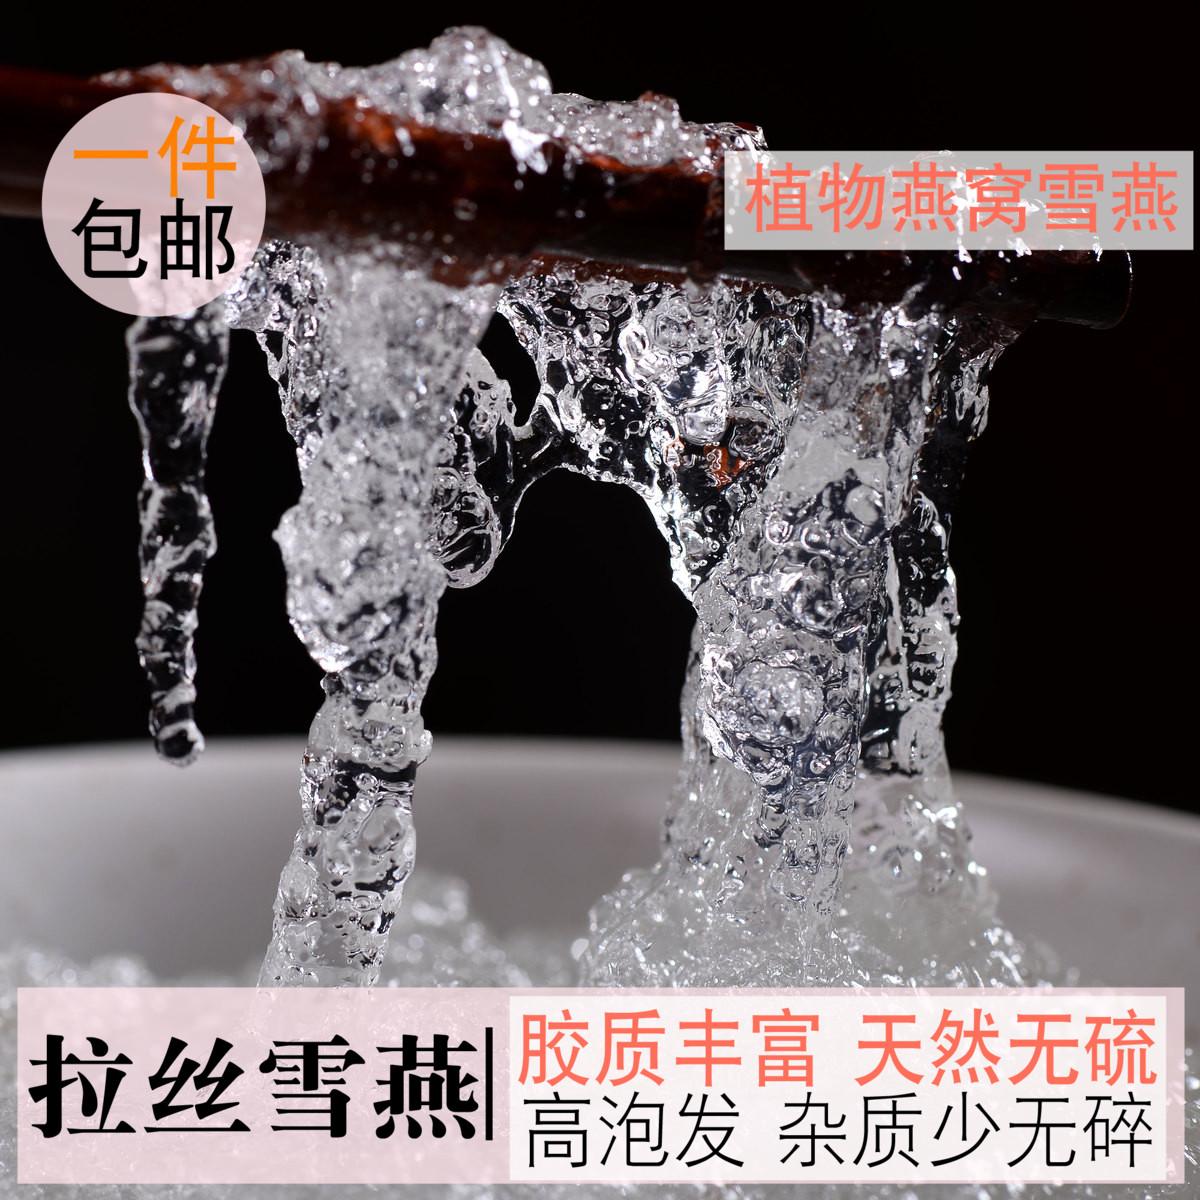 拉丝雪燕野生特级500g正品雪燕天然植物胶质可搭配皂角米桃胶组合12月01日最新优惠